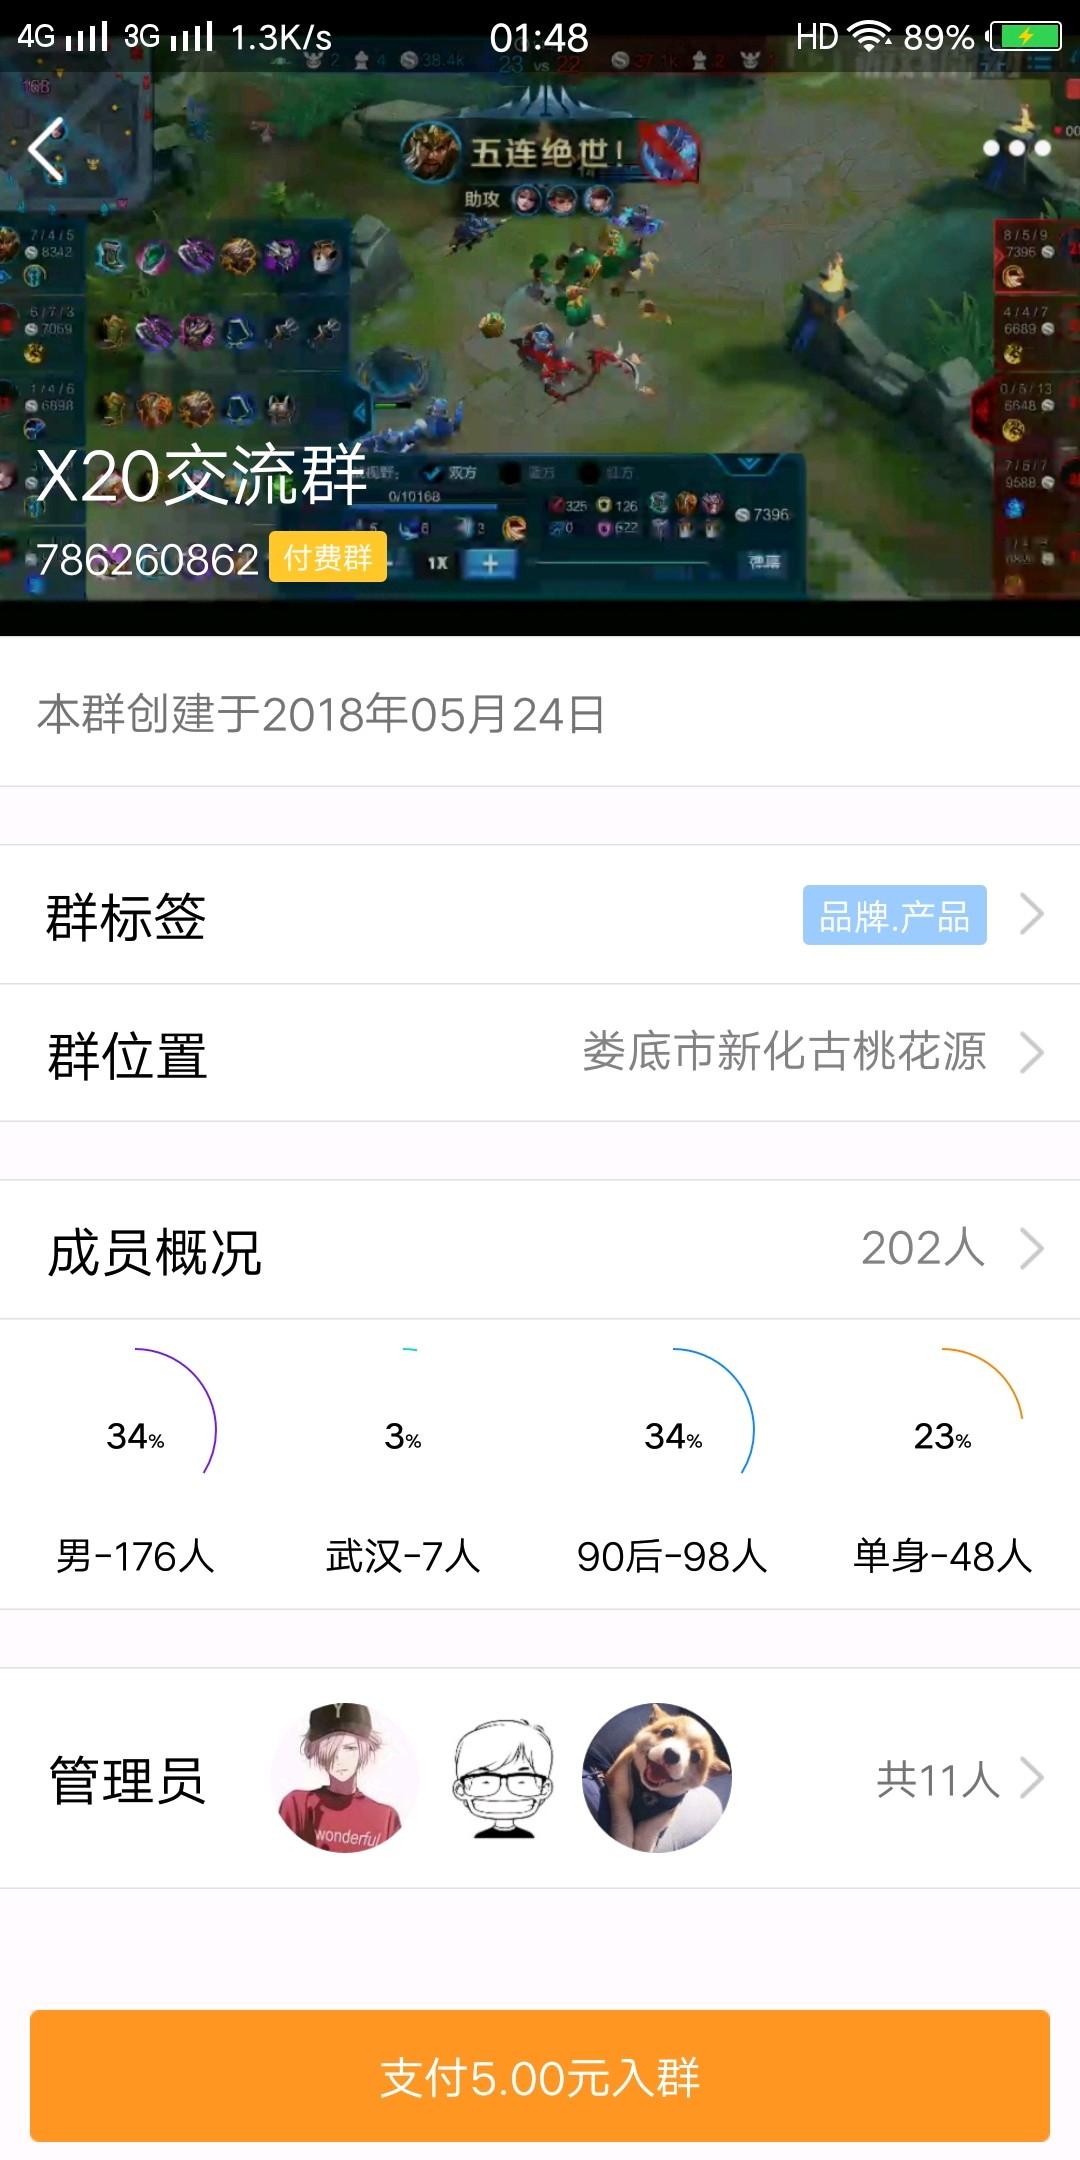 Screenshot_20180629_014824.jpg